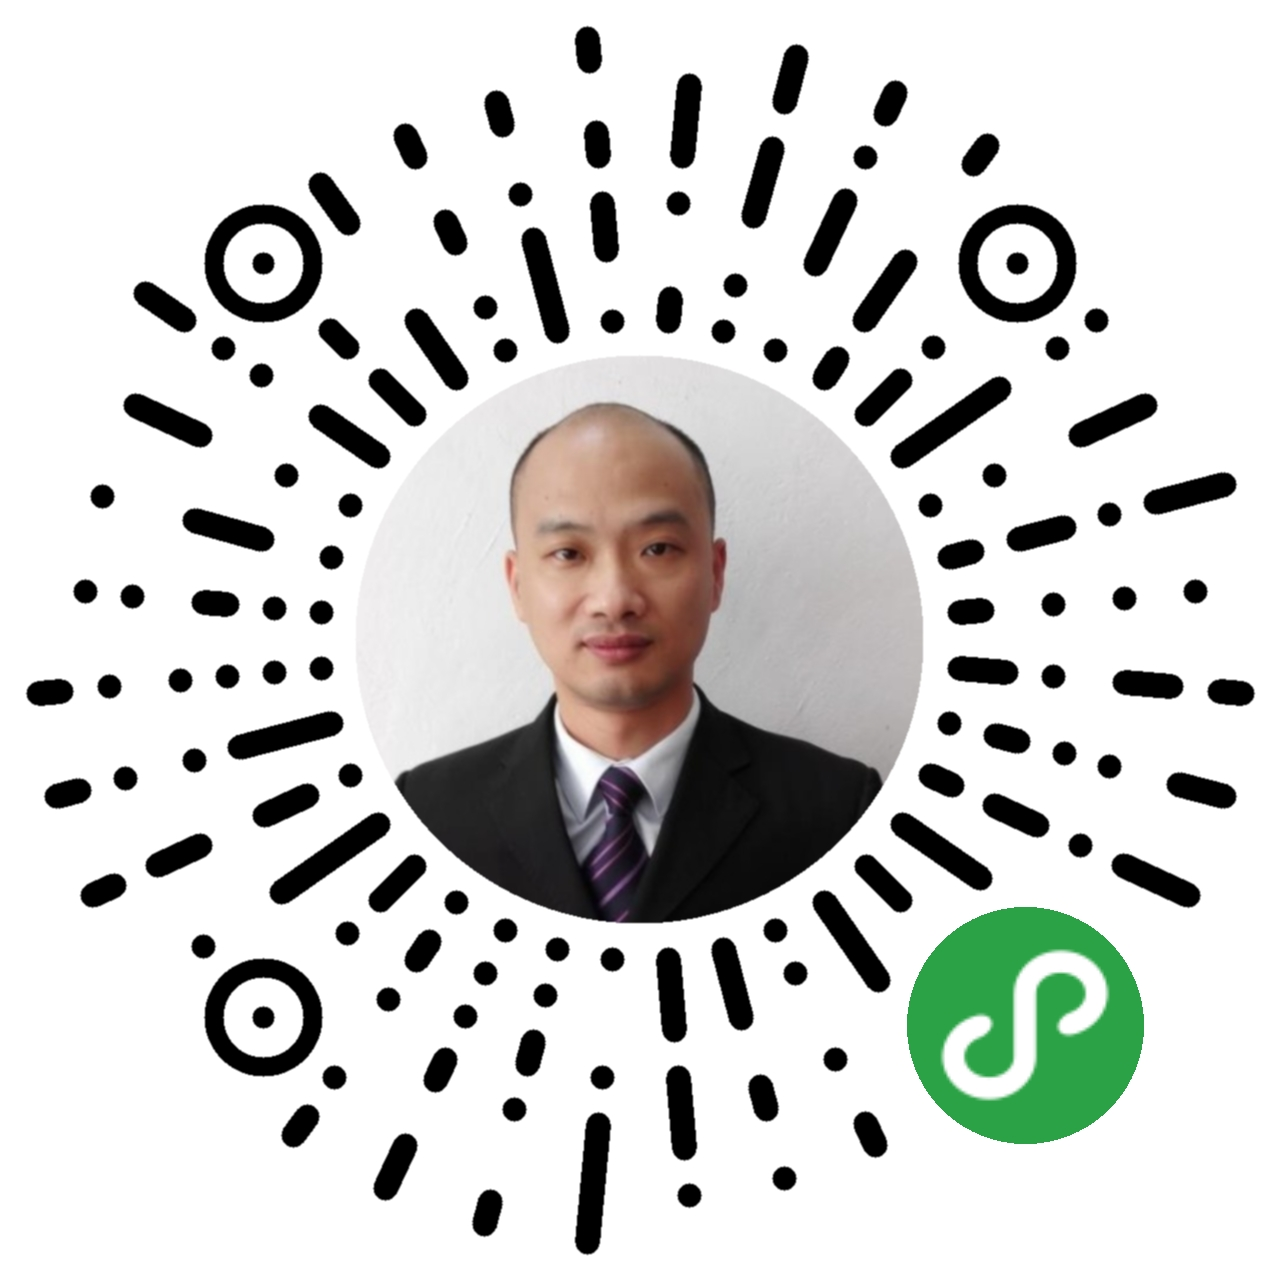 江西景德镇知名律师江晓辉小程序二维码